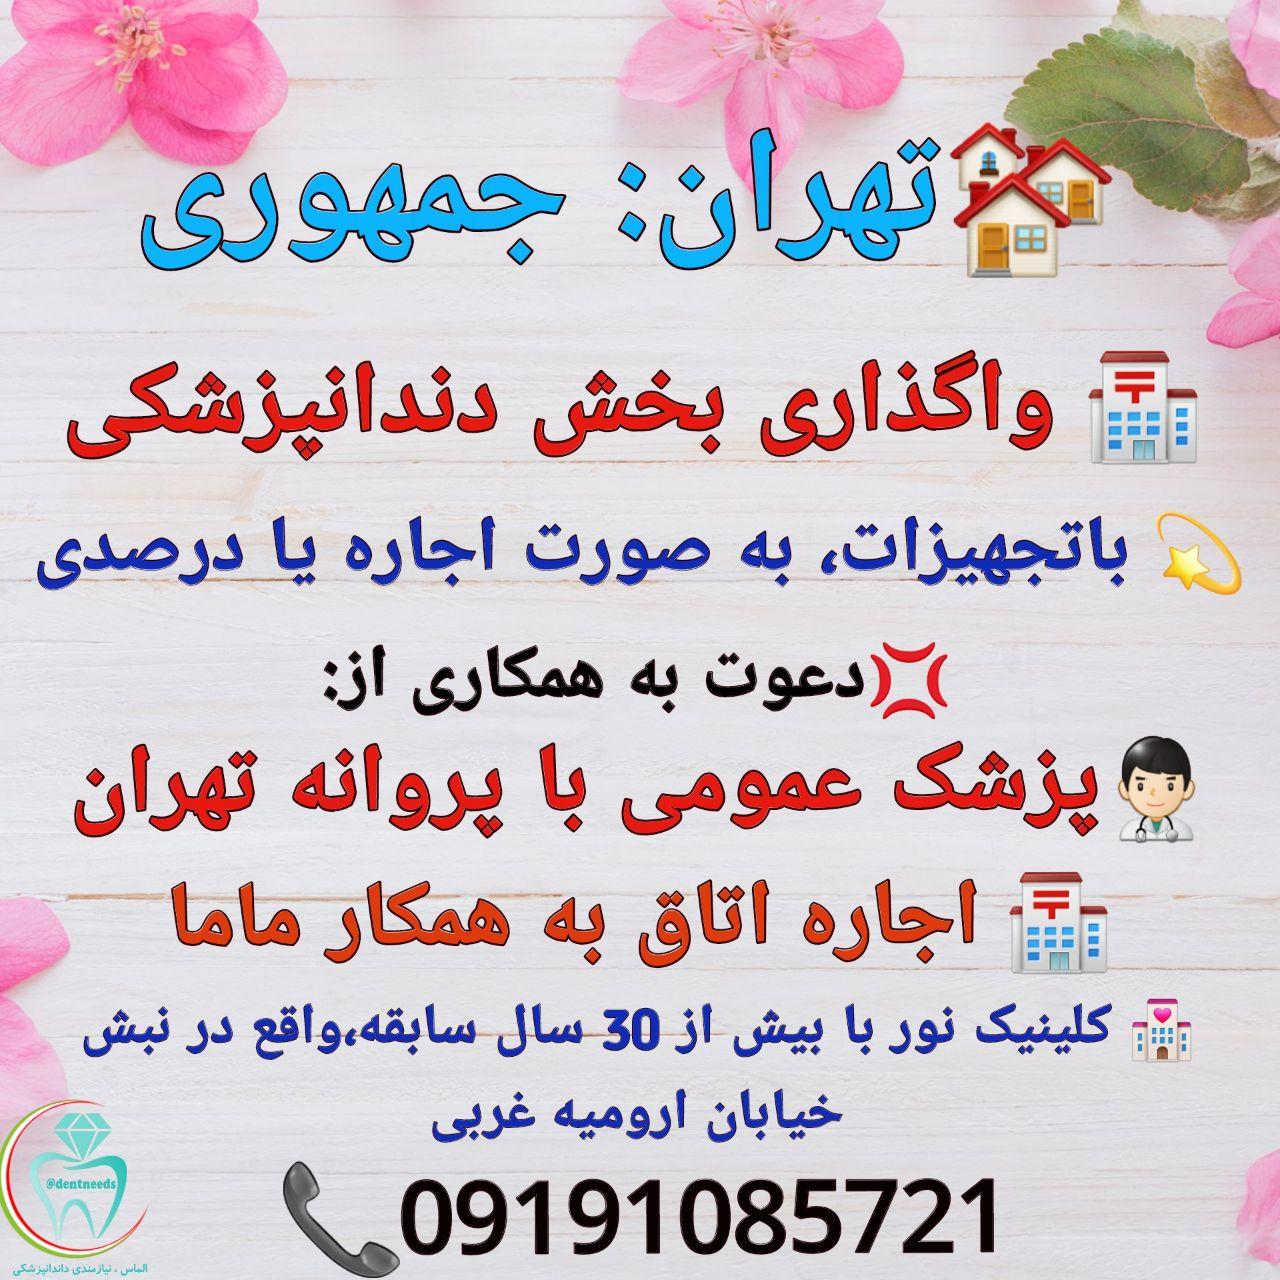 تهران: جمهوری، واگذاری بخش دندانپزشکی، دعوت به همکاری از پزشک عمومی با پروانه تهران،